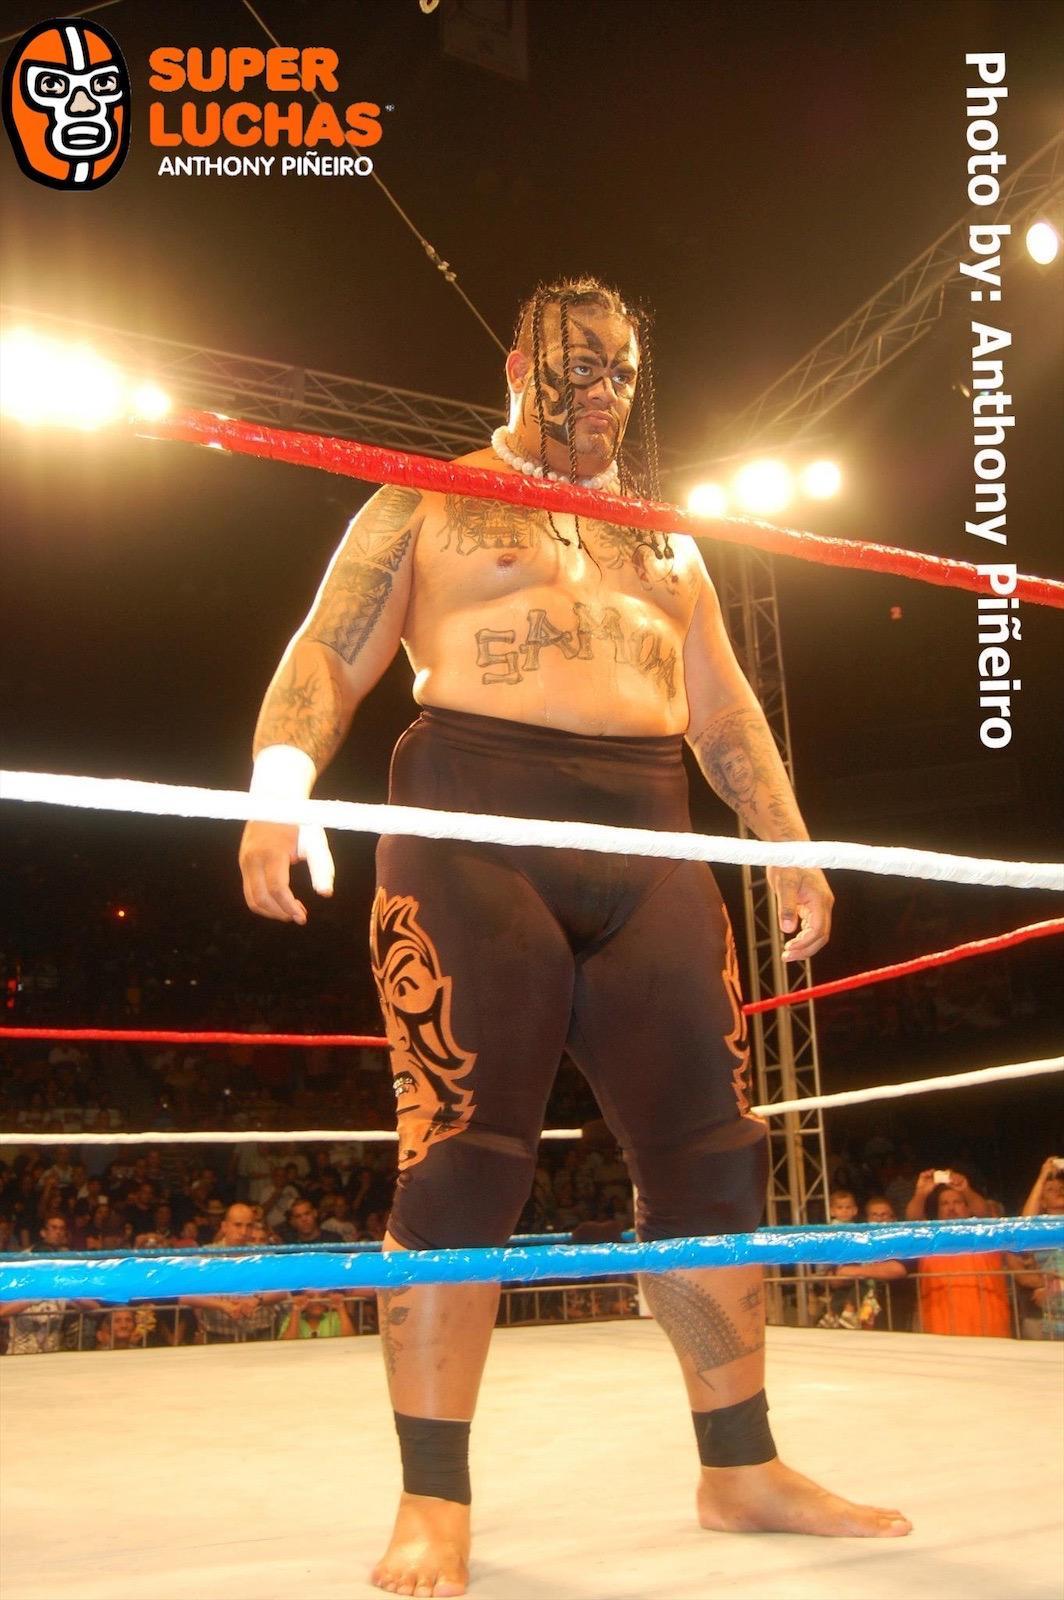 WWC presenta en su totalidad Aniversario 2009 - Máscara vs Cabellera entre Ray Gonzalez y La Pesadilla (Epico) 1